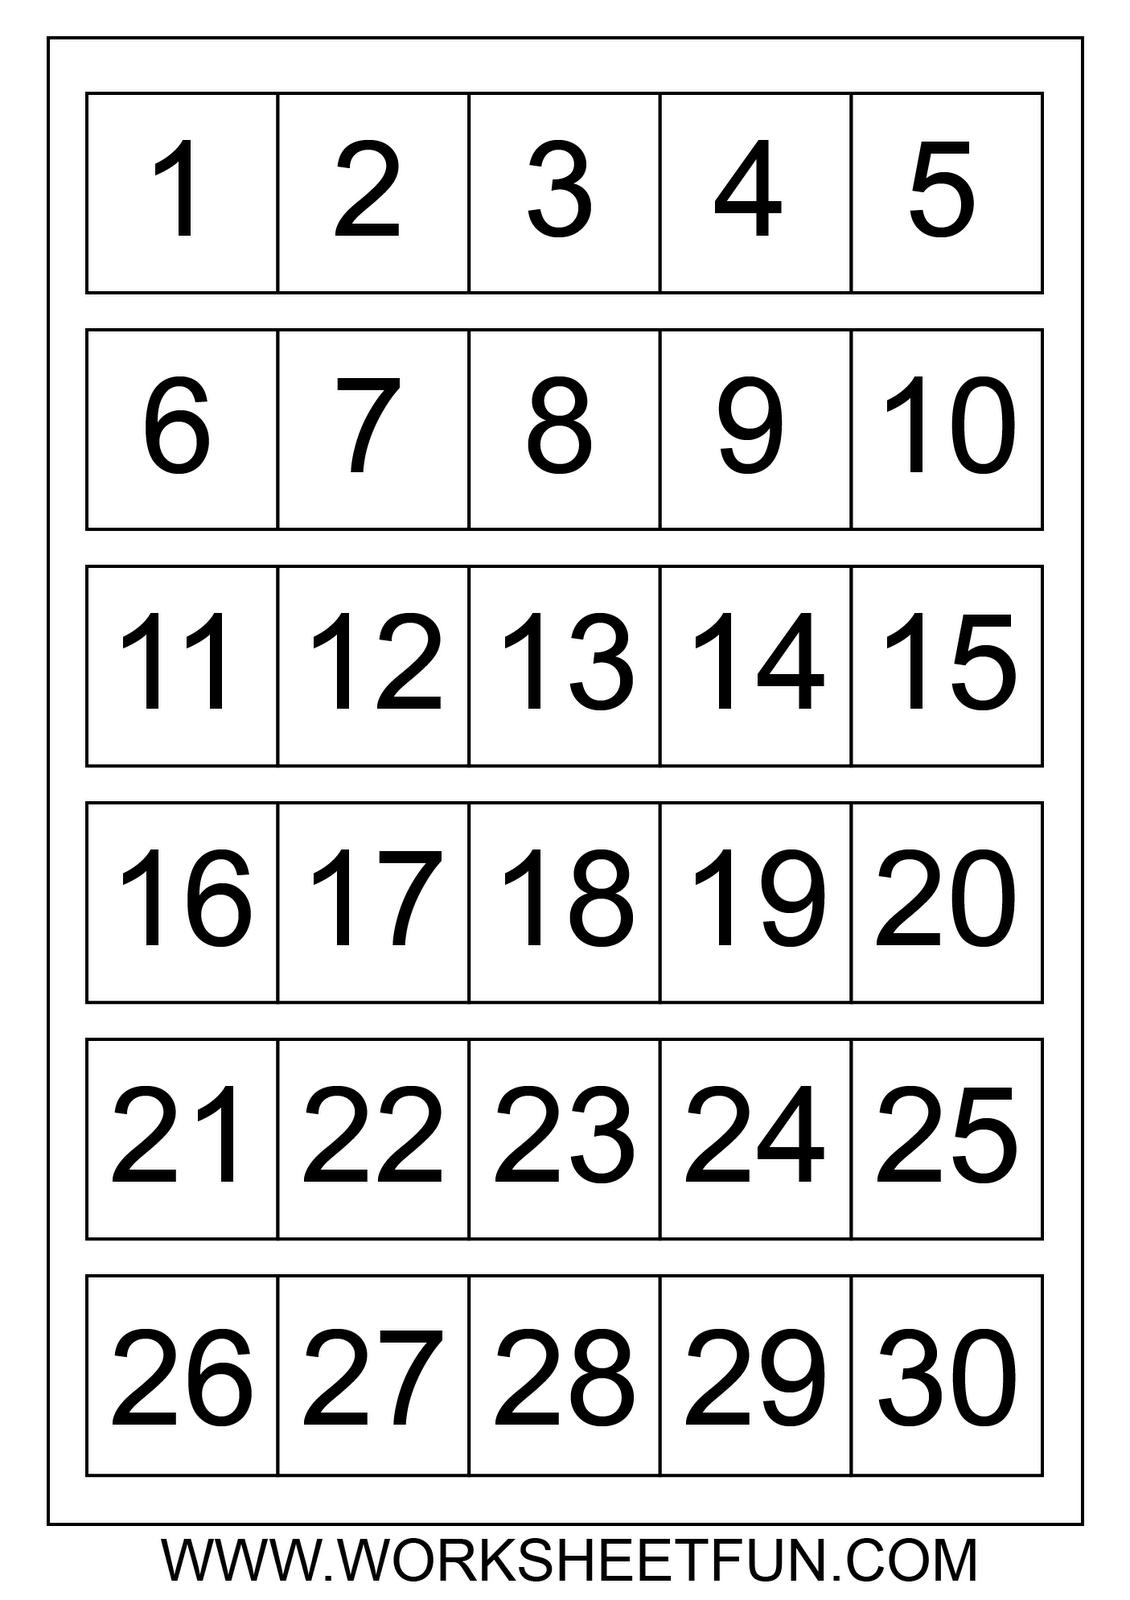 Free Printable Calendar Numbers 1-31 Pdf | Ten Free Numbers 1 To 31 Printable